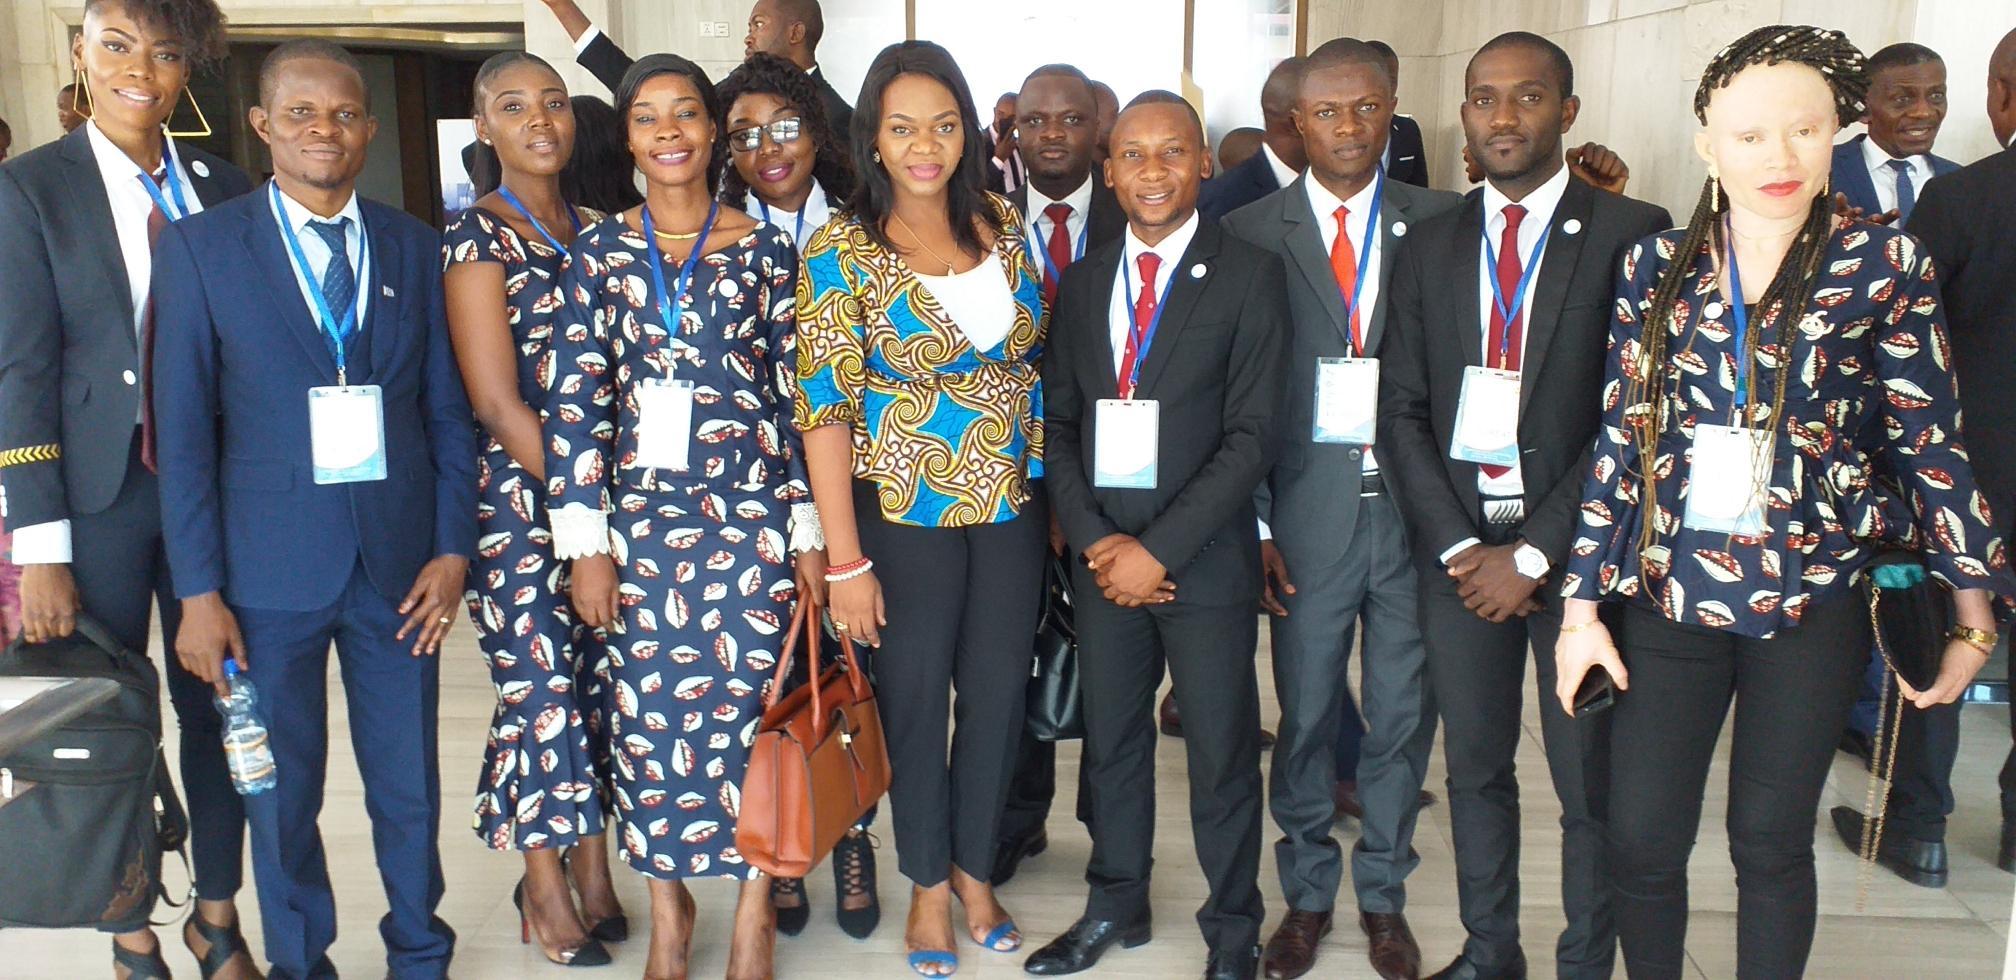 REMISE DE DIPLOMES AUX ENARQUES PROMOTION FLEUVE CONGO